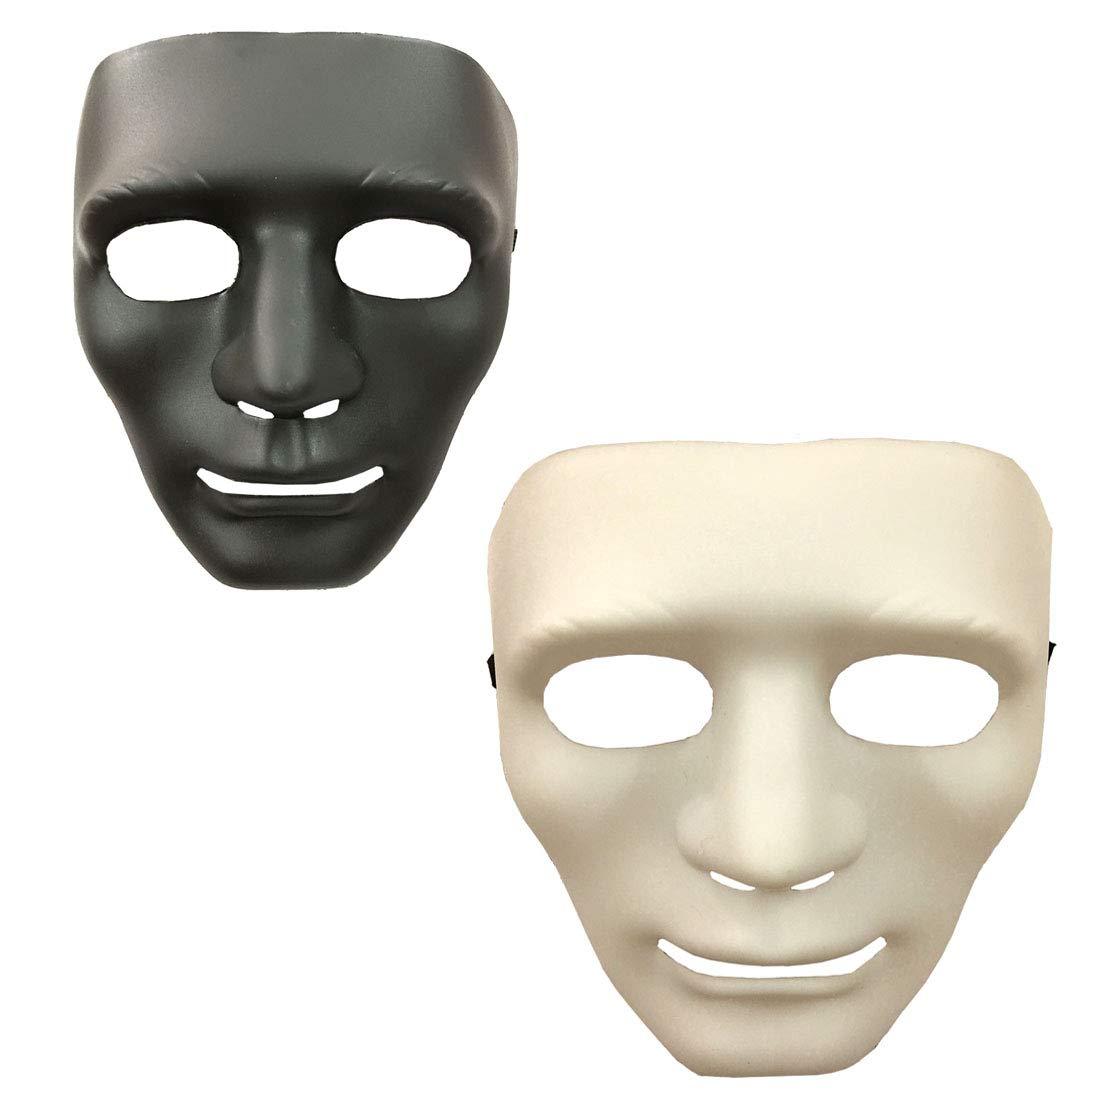 SoarRokt パーティーマスク フルフェイス ホワイトブラックコスプレマスク ダンスパーティー(3個ホワイト+3個ブラック)   B07FSMV7FD